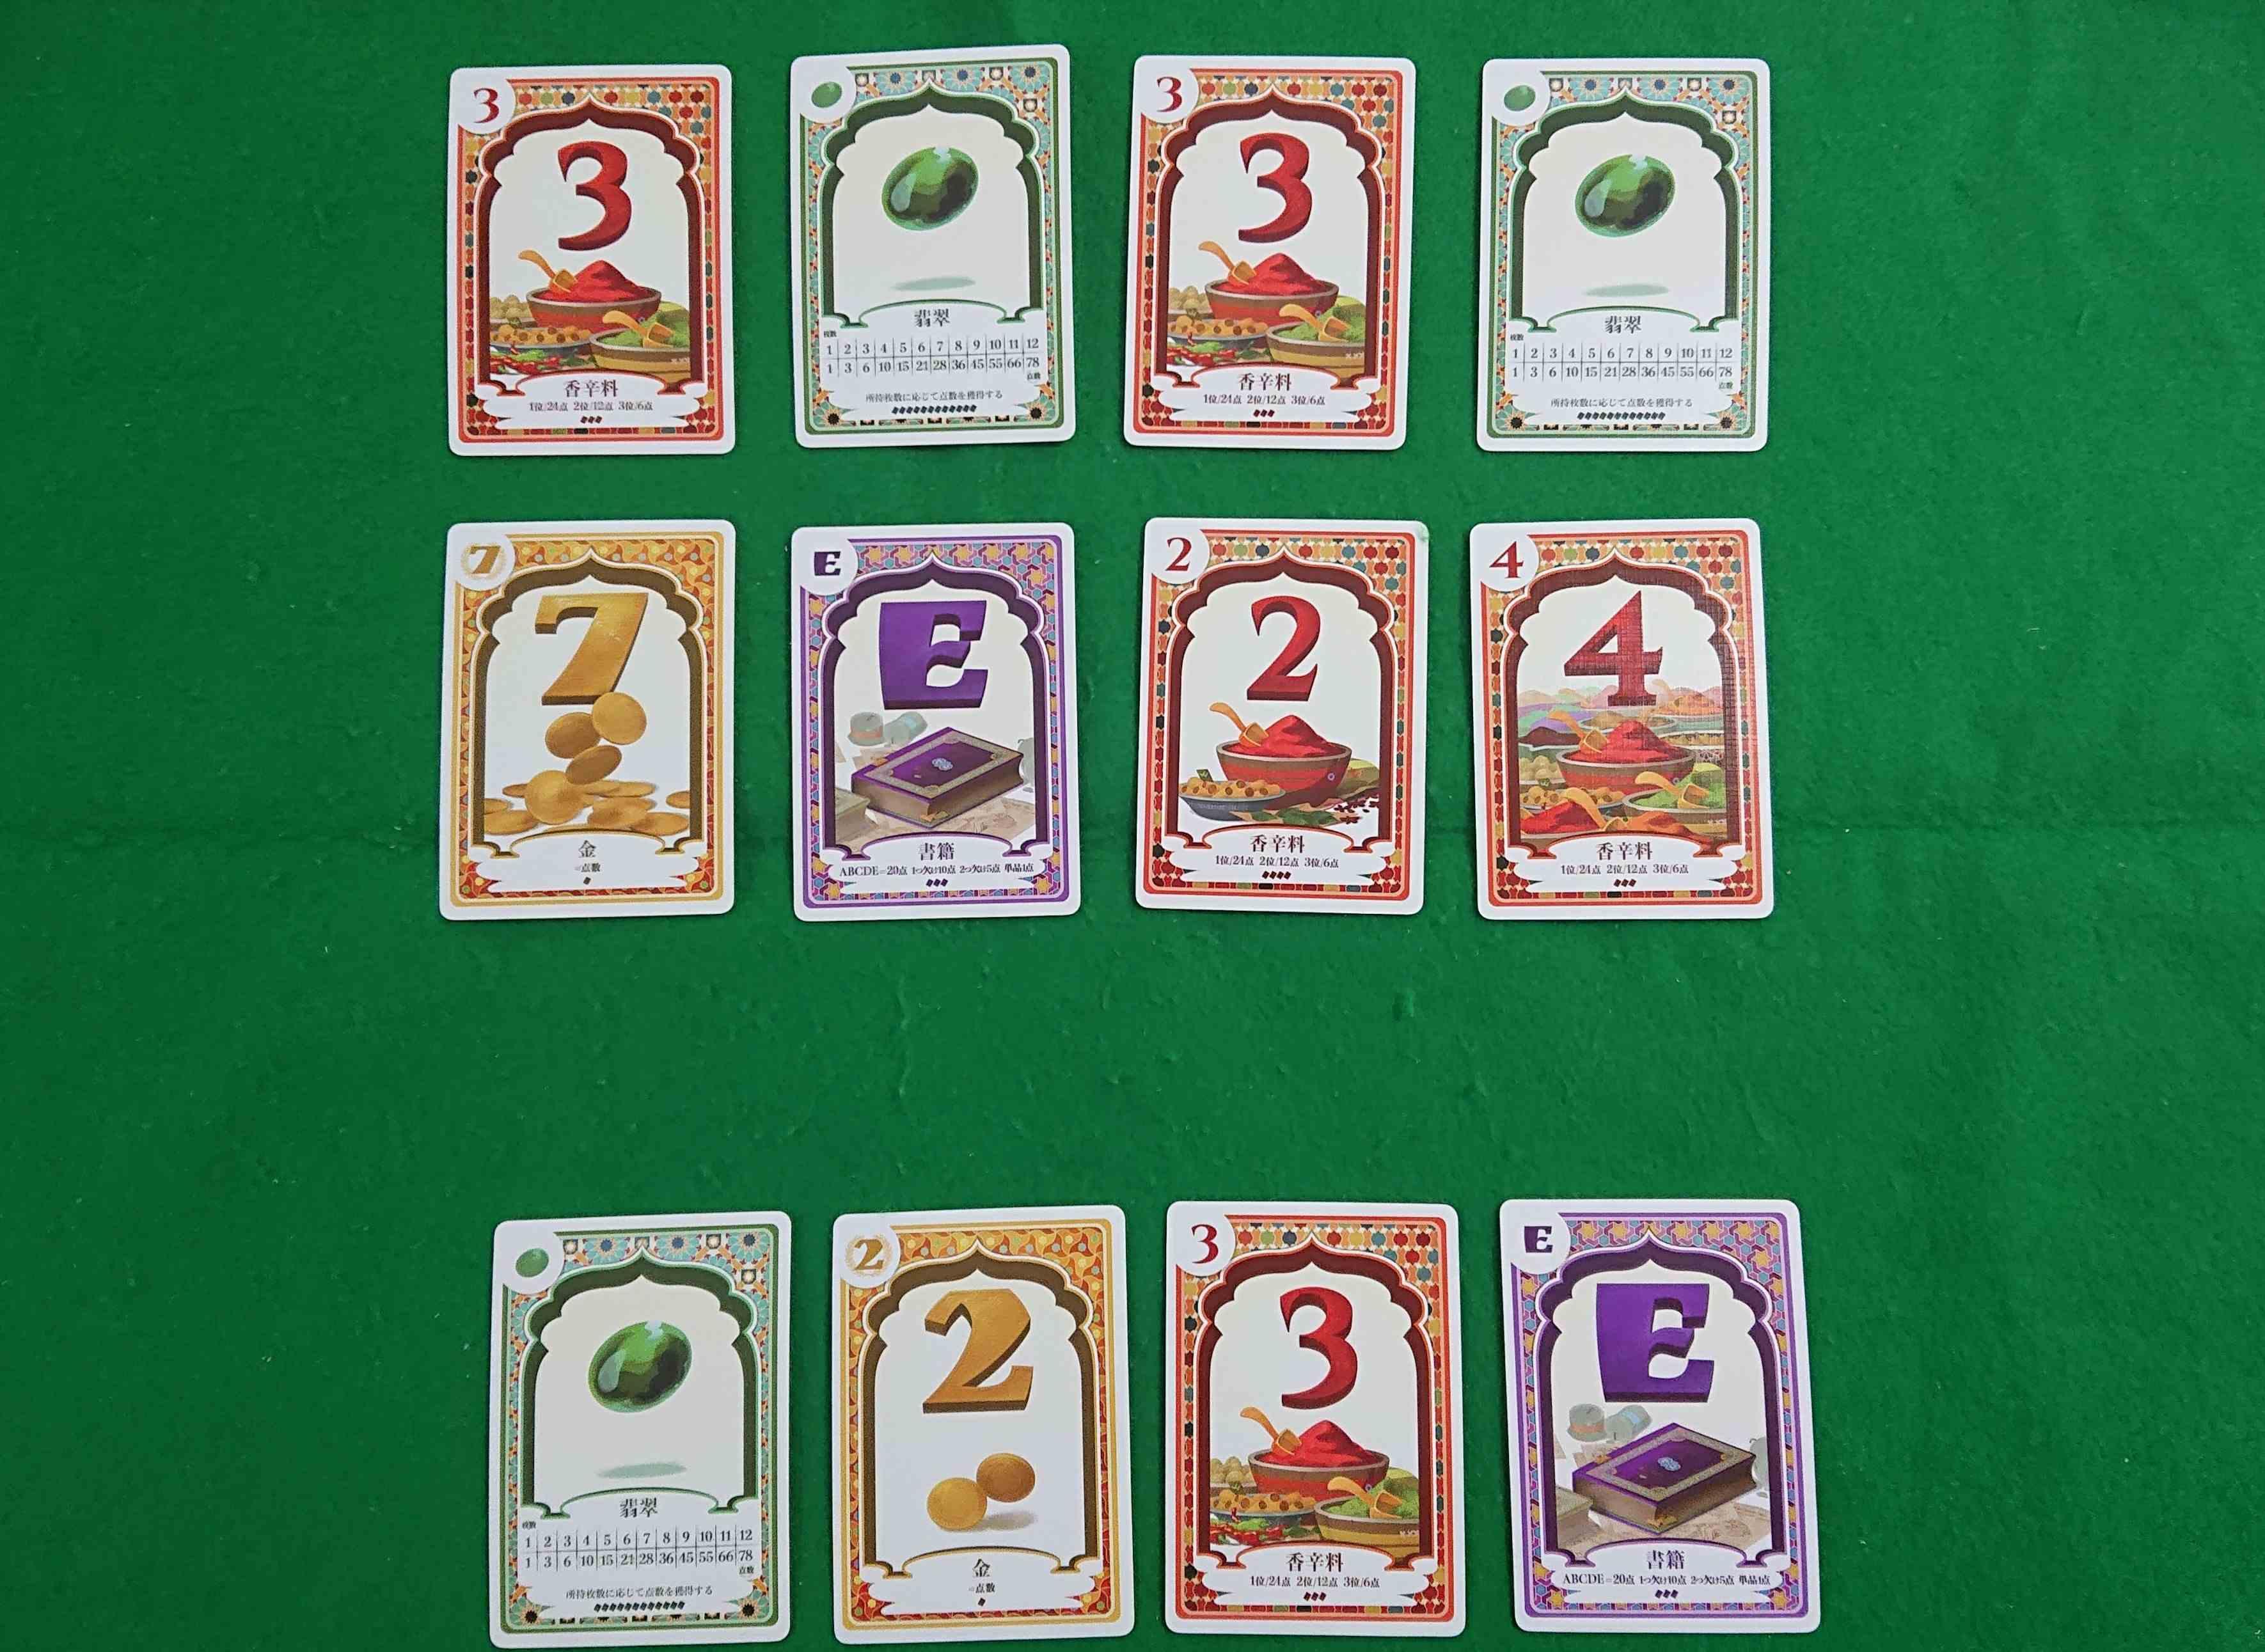 翡翠の商人 欲しい枚数を宣言する競り系カードゲーム シンプルながらジレンマもある ボードゲーム